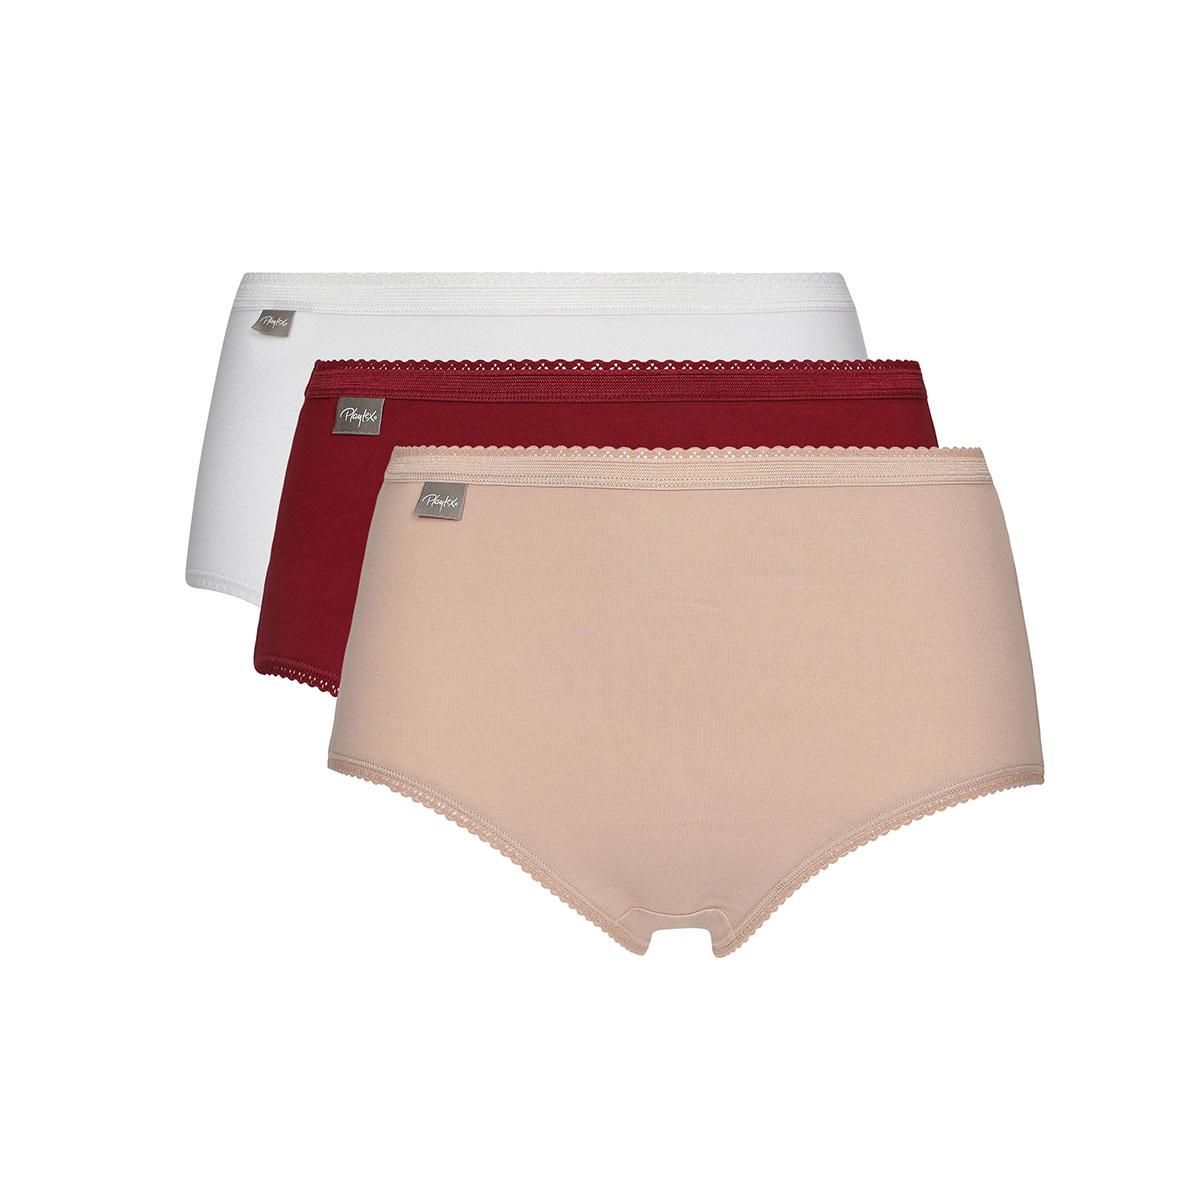 Pacco da 3 slip midi rosso, bianco e beige Cotton Stretch, , PLAYTEX